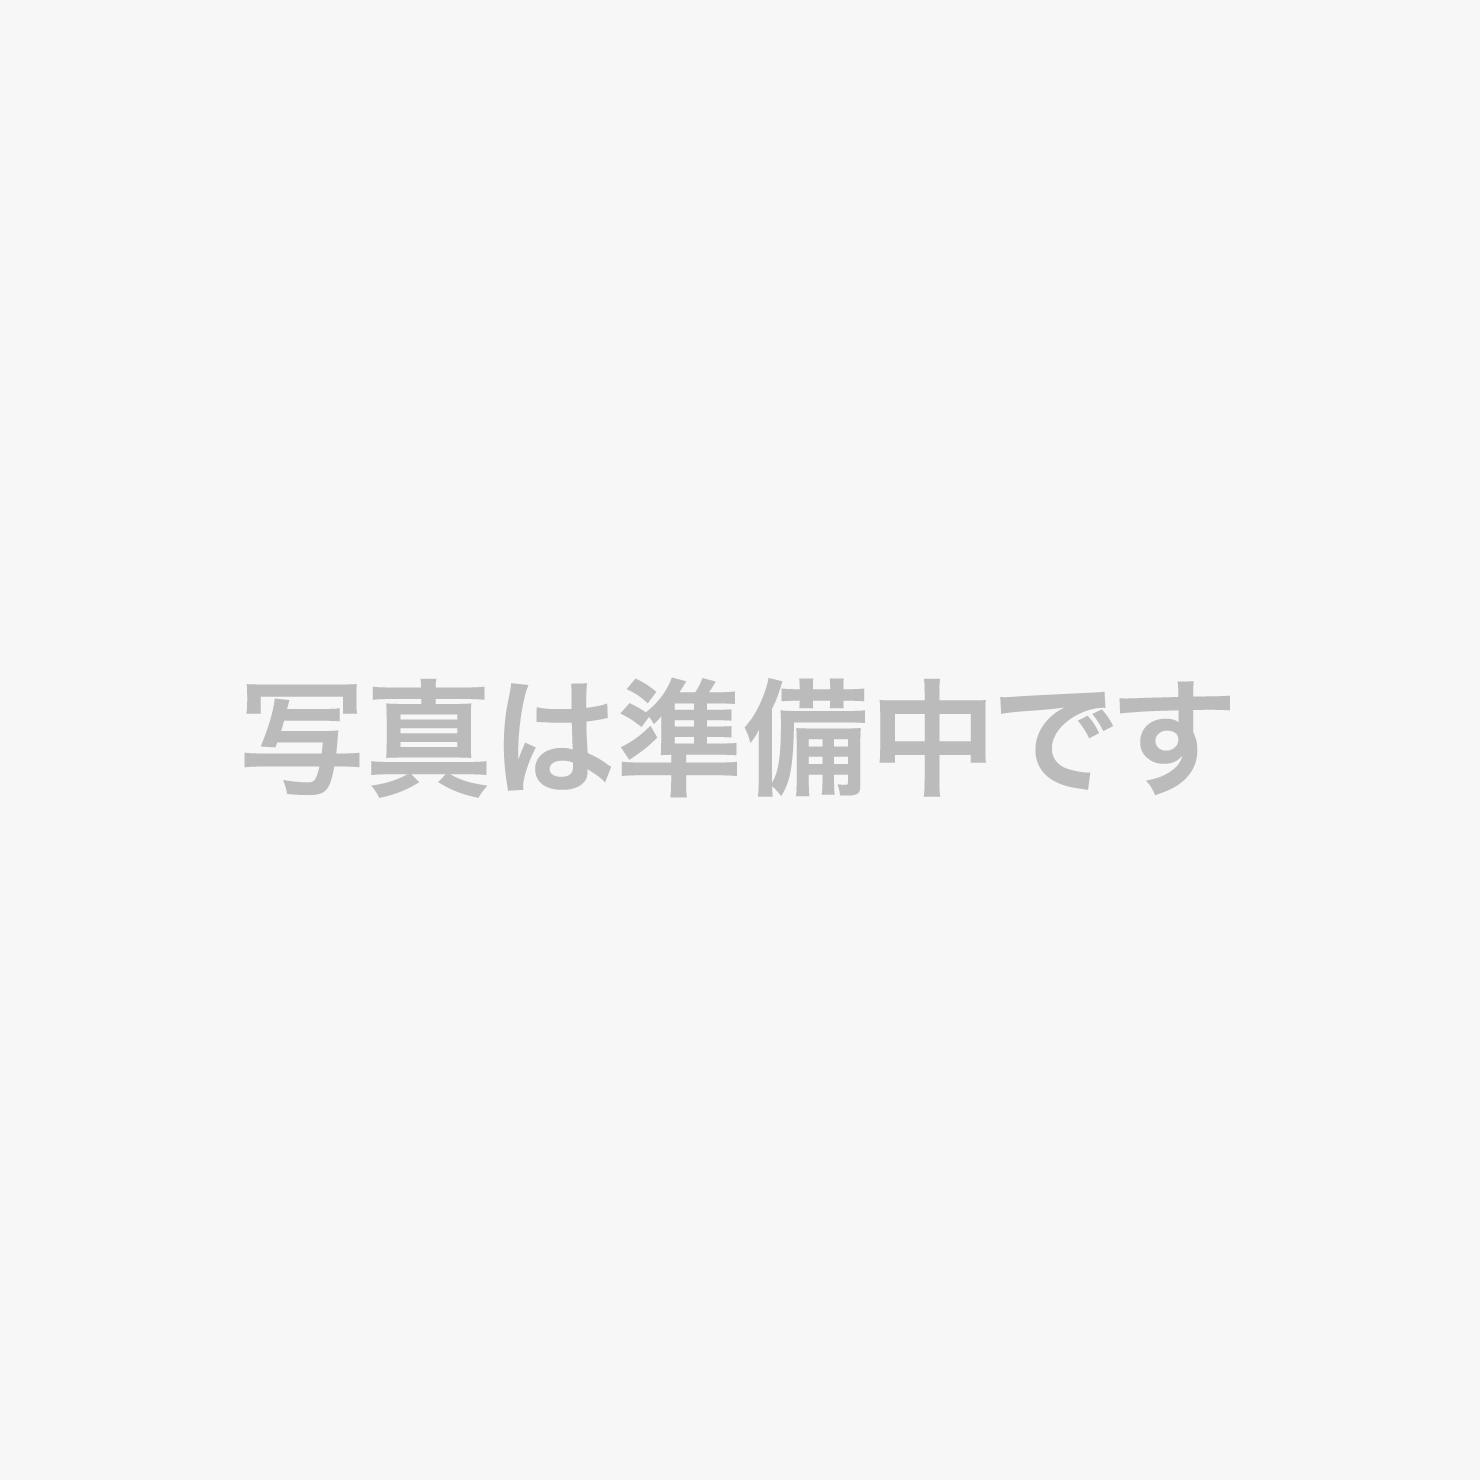 【キッズルーム】ハンモックでゆ~らゆら♪お子様も安全に楽しめる!